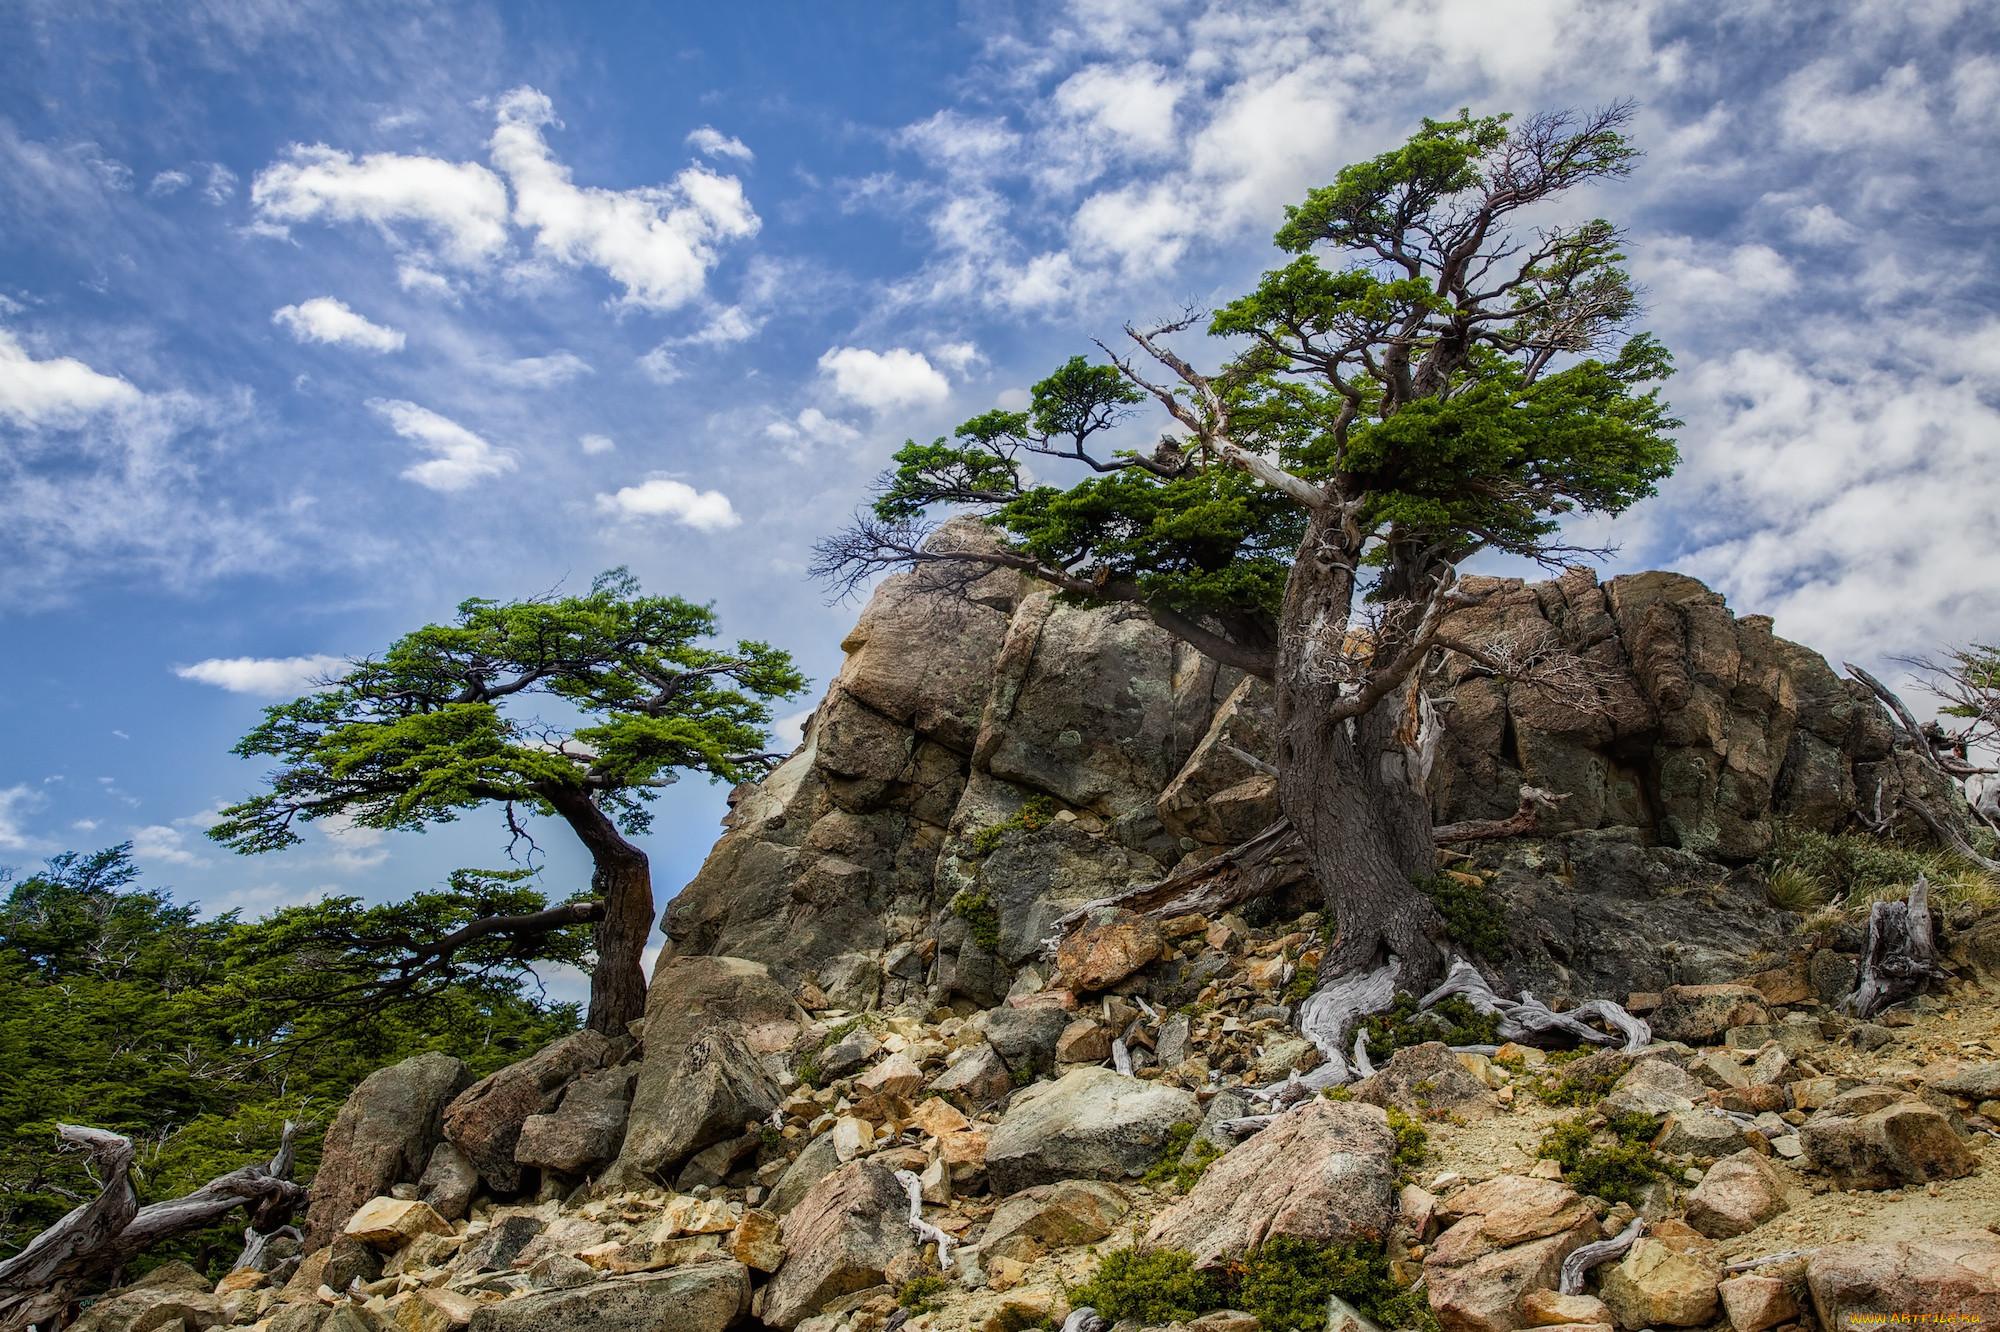 дерево растущее в камне фото темноволосы, подходящими оттенками